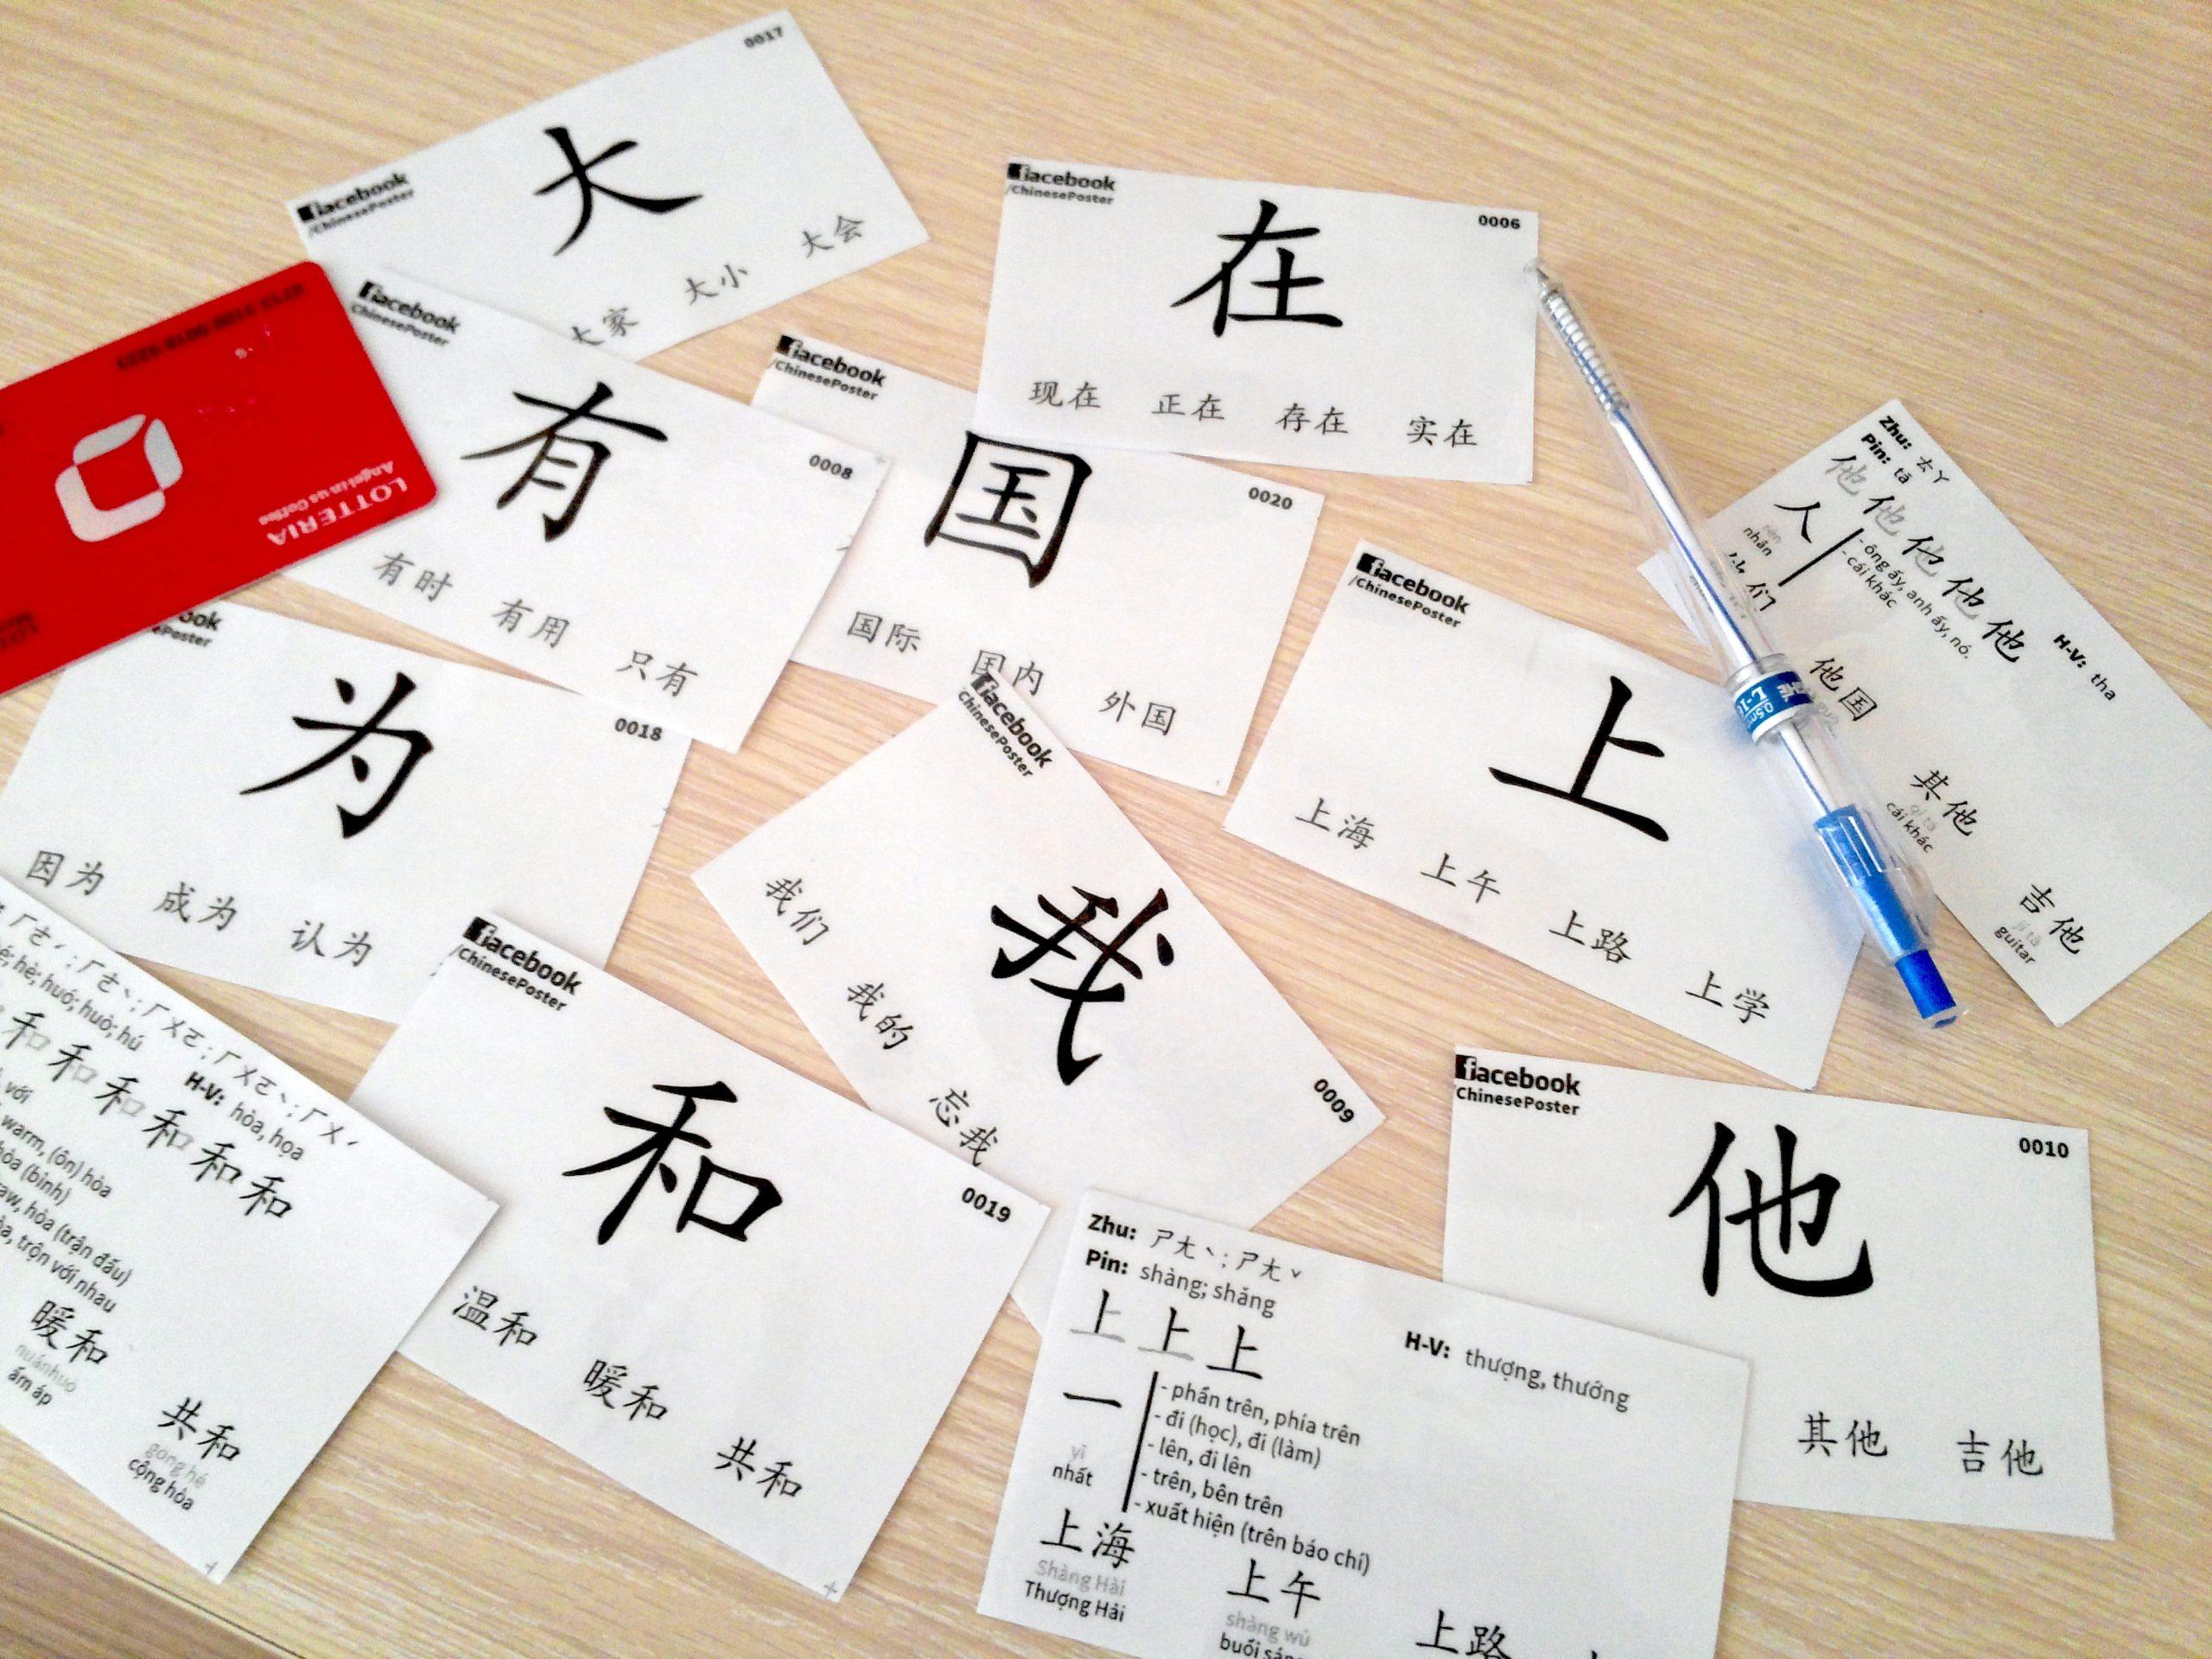 [Bí kíp] Học từ vựng tiếng Nhật nhớ cực lâu 6